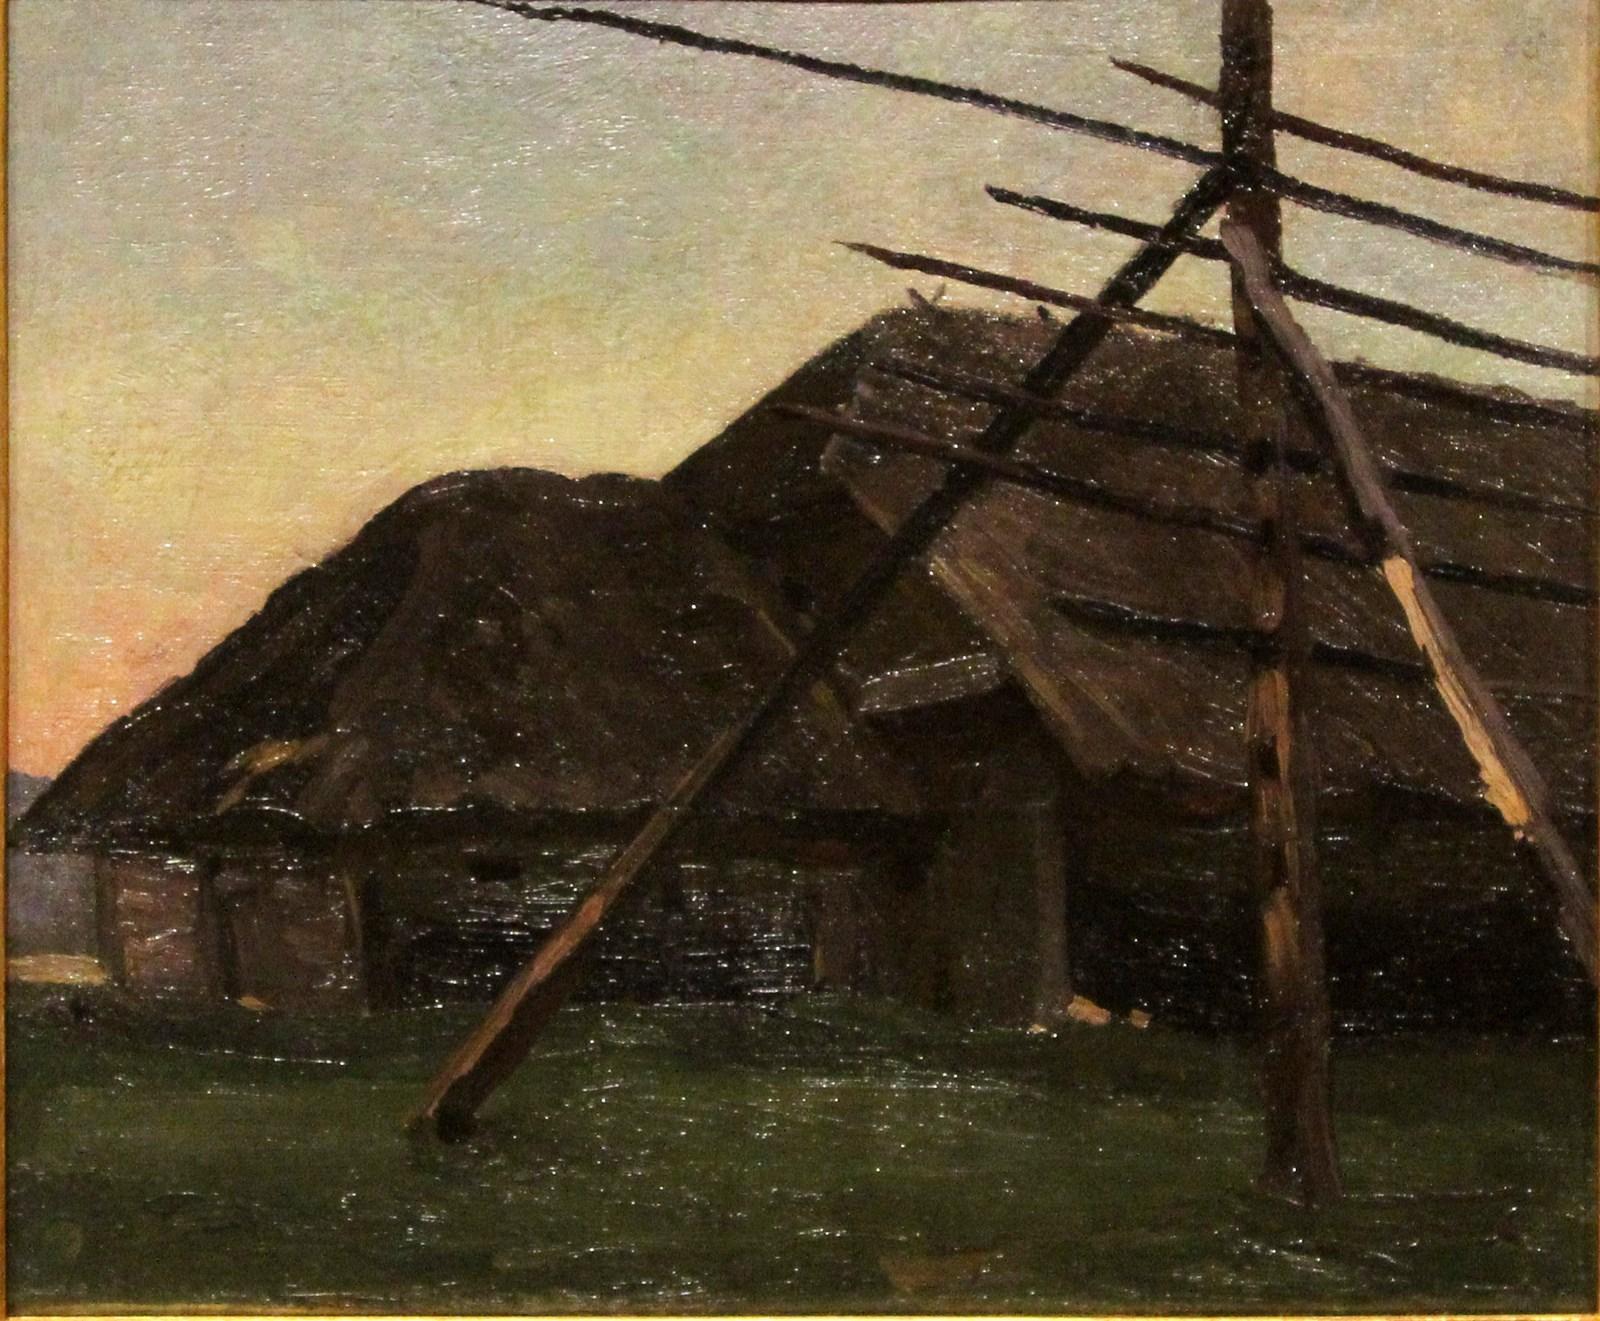 Рущиц Фердинанд. 1870-1936 Сараи и прясло для сена. 1899 Холст, масло. Из корпоративной коллекции Белгазпромбанка